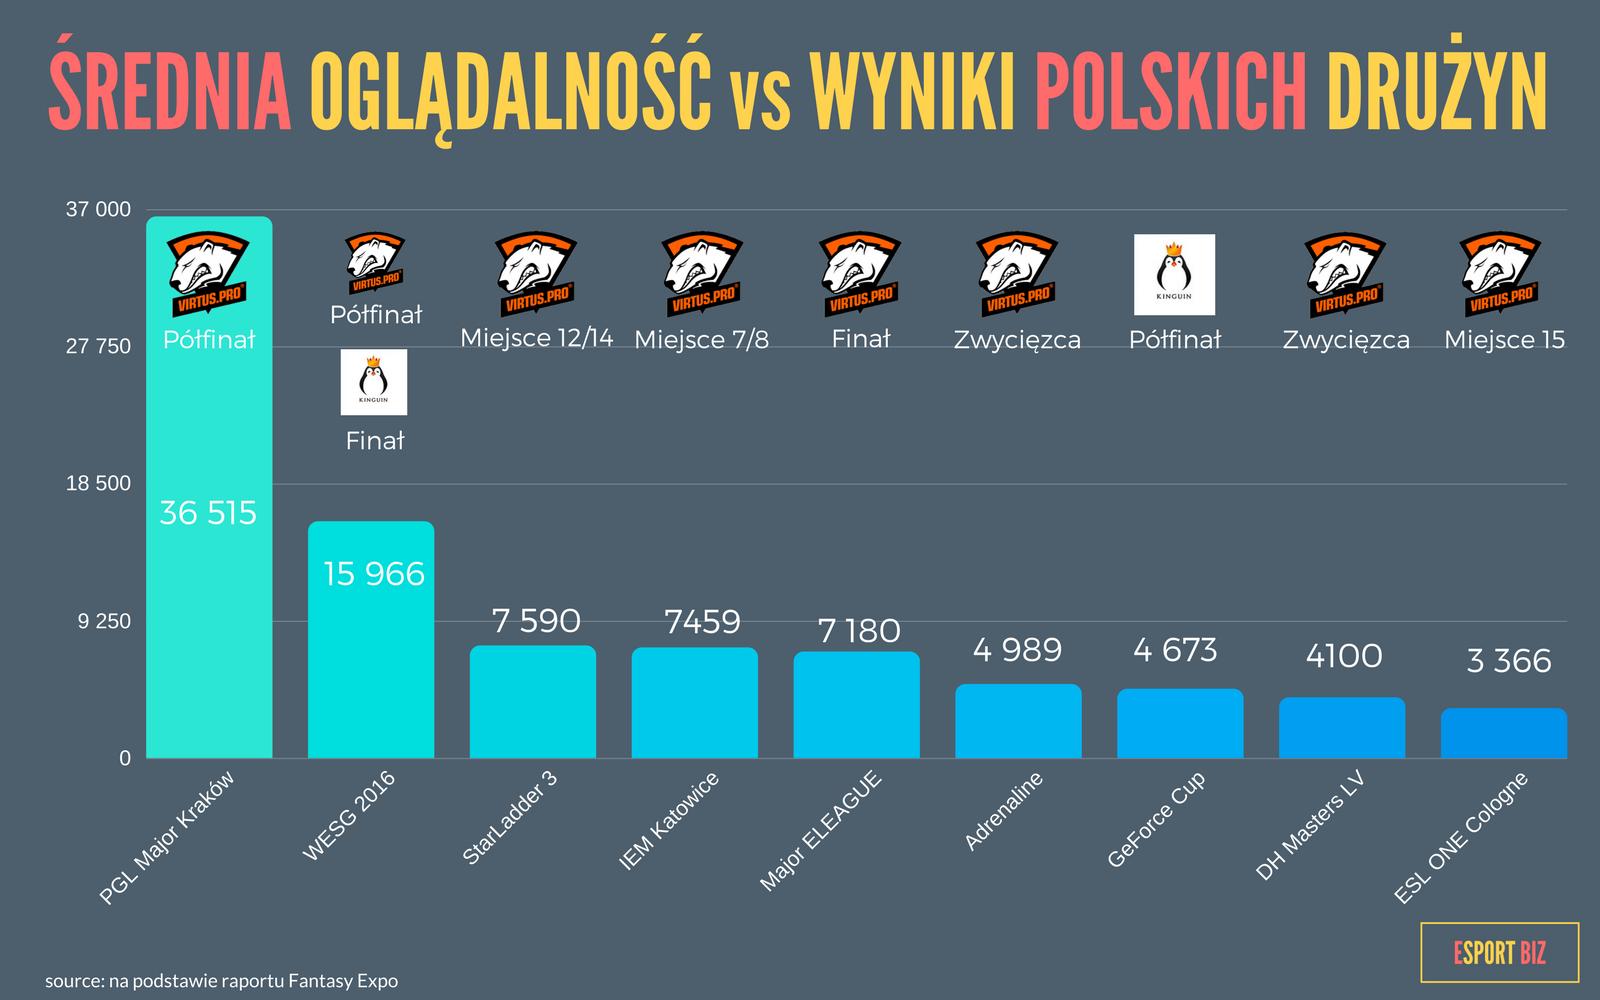 średnia oglądalnośc vs wyniki polskich drużyn